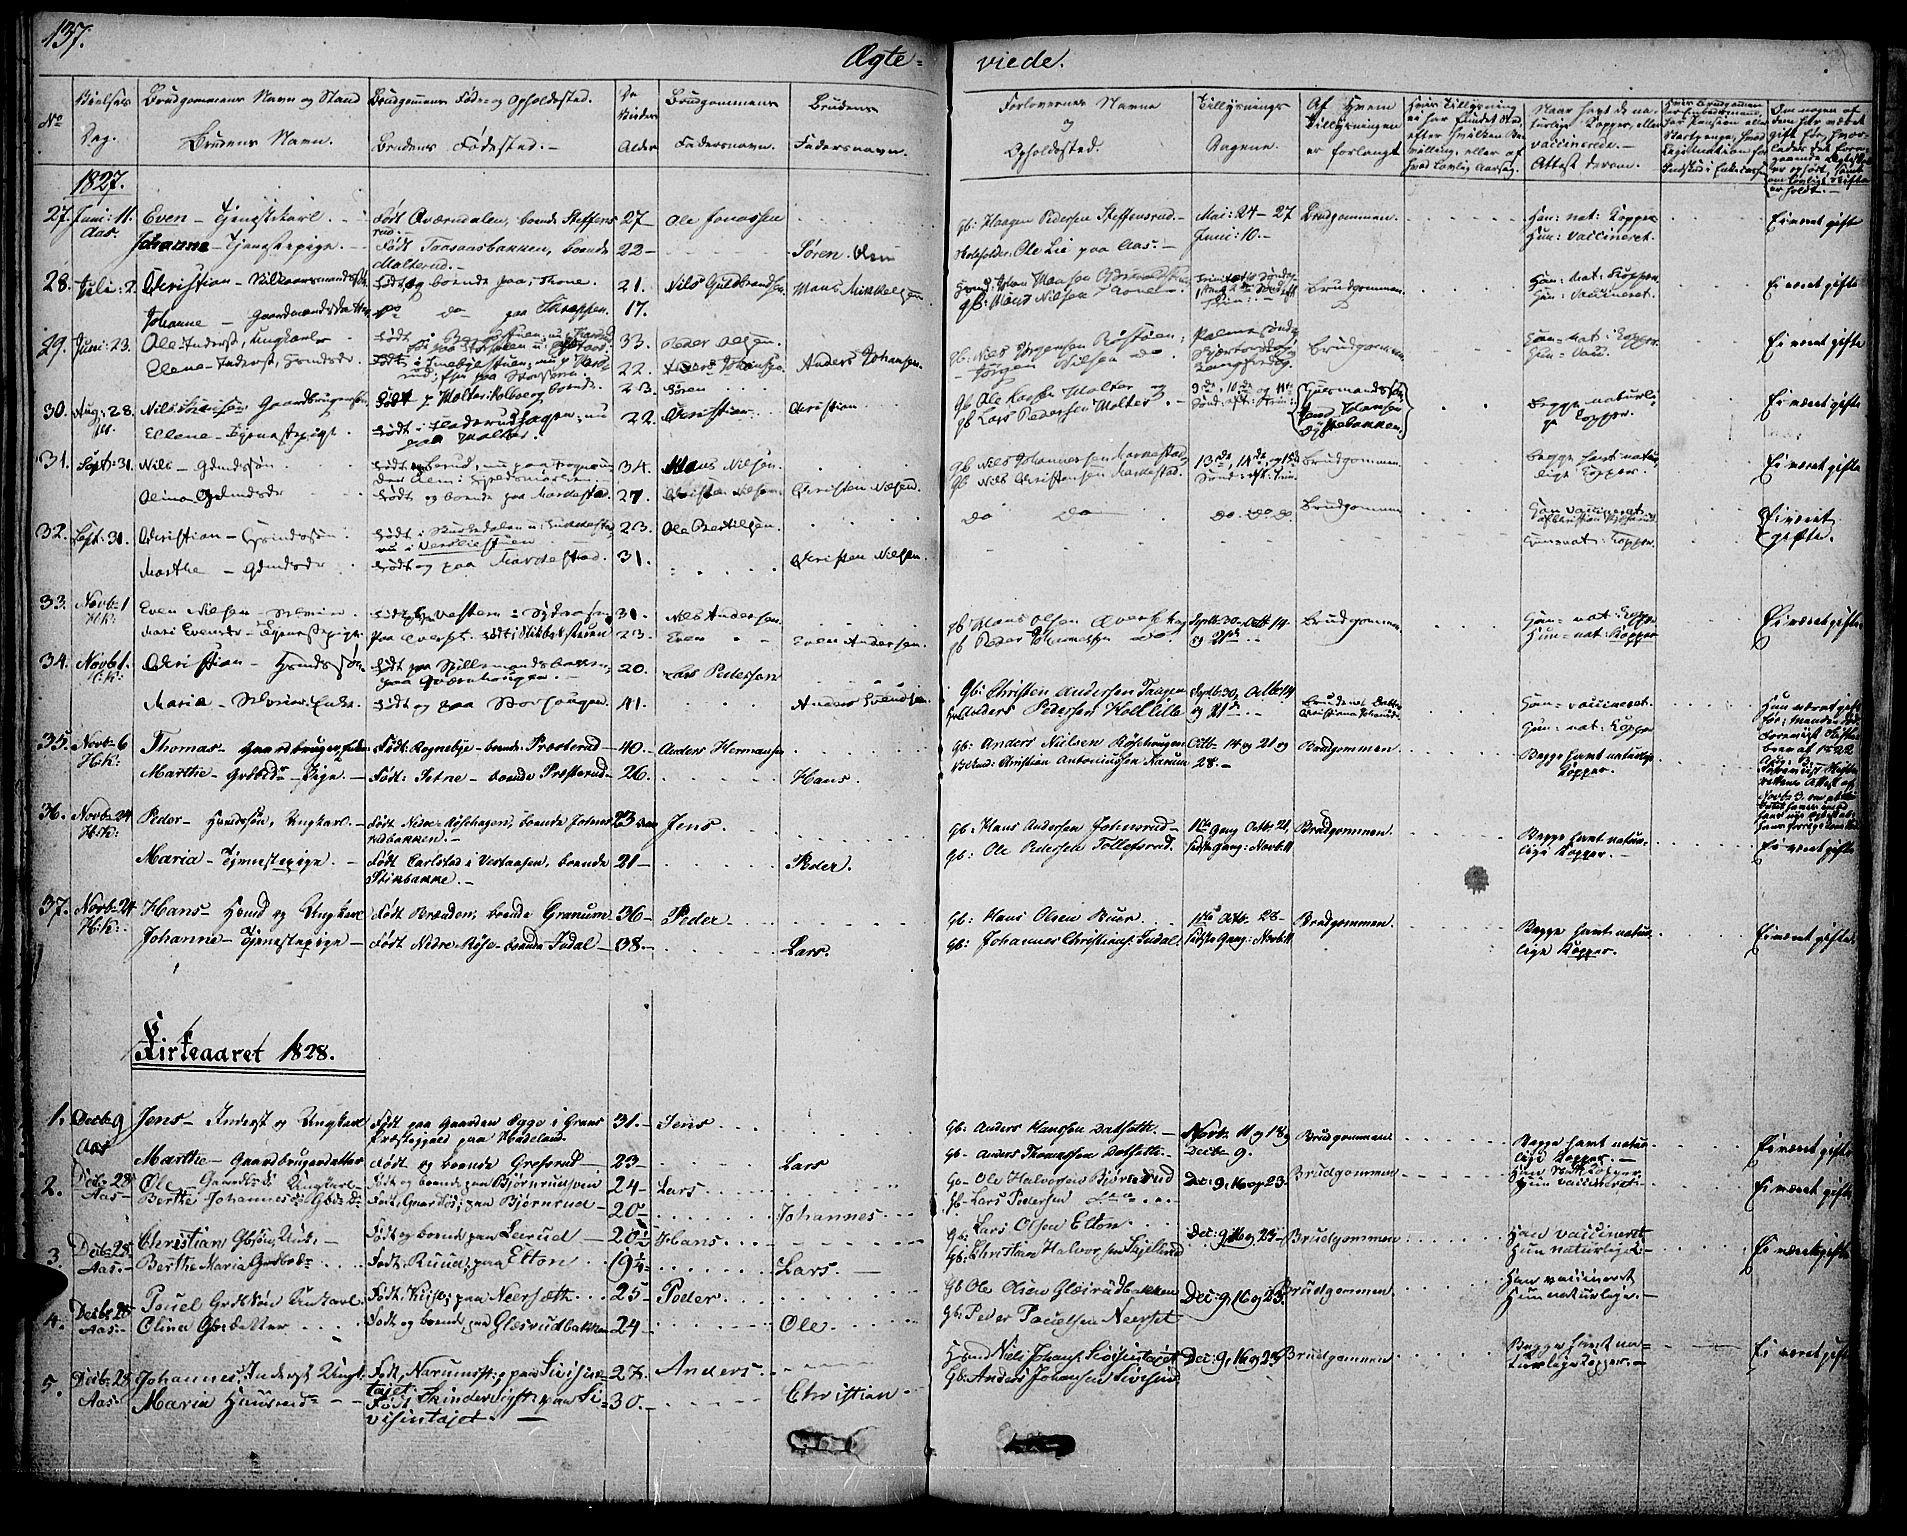 SAH, Vestre Toten prestekontor, Ministerialbok nr. 2, 1825-1837, s. 137